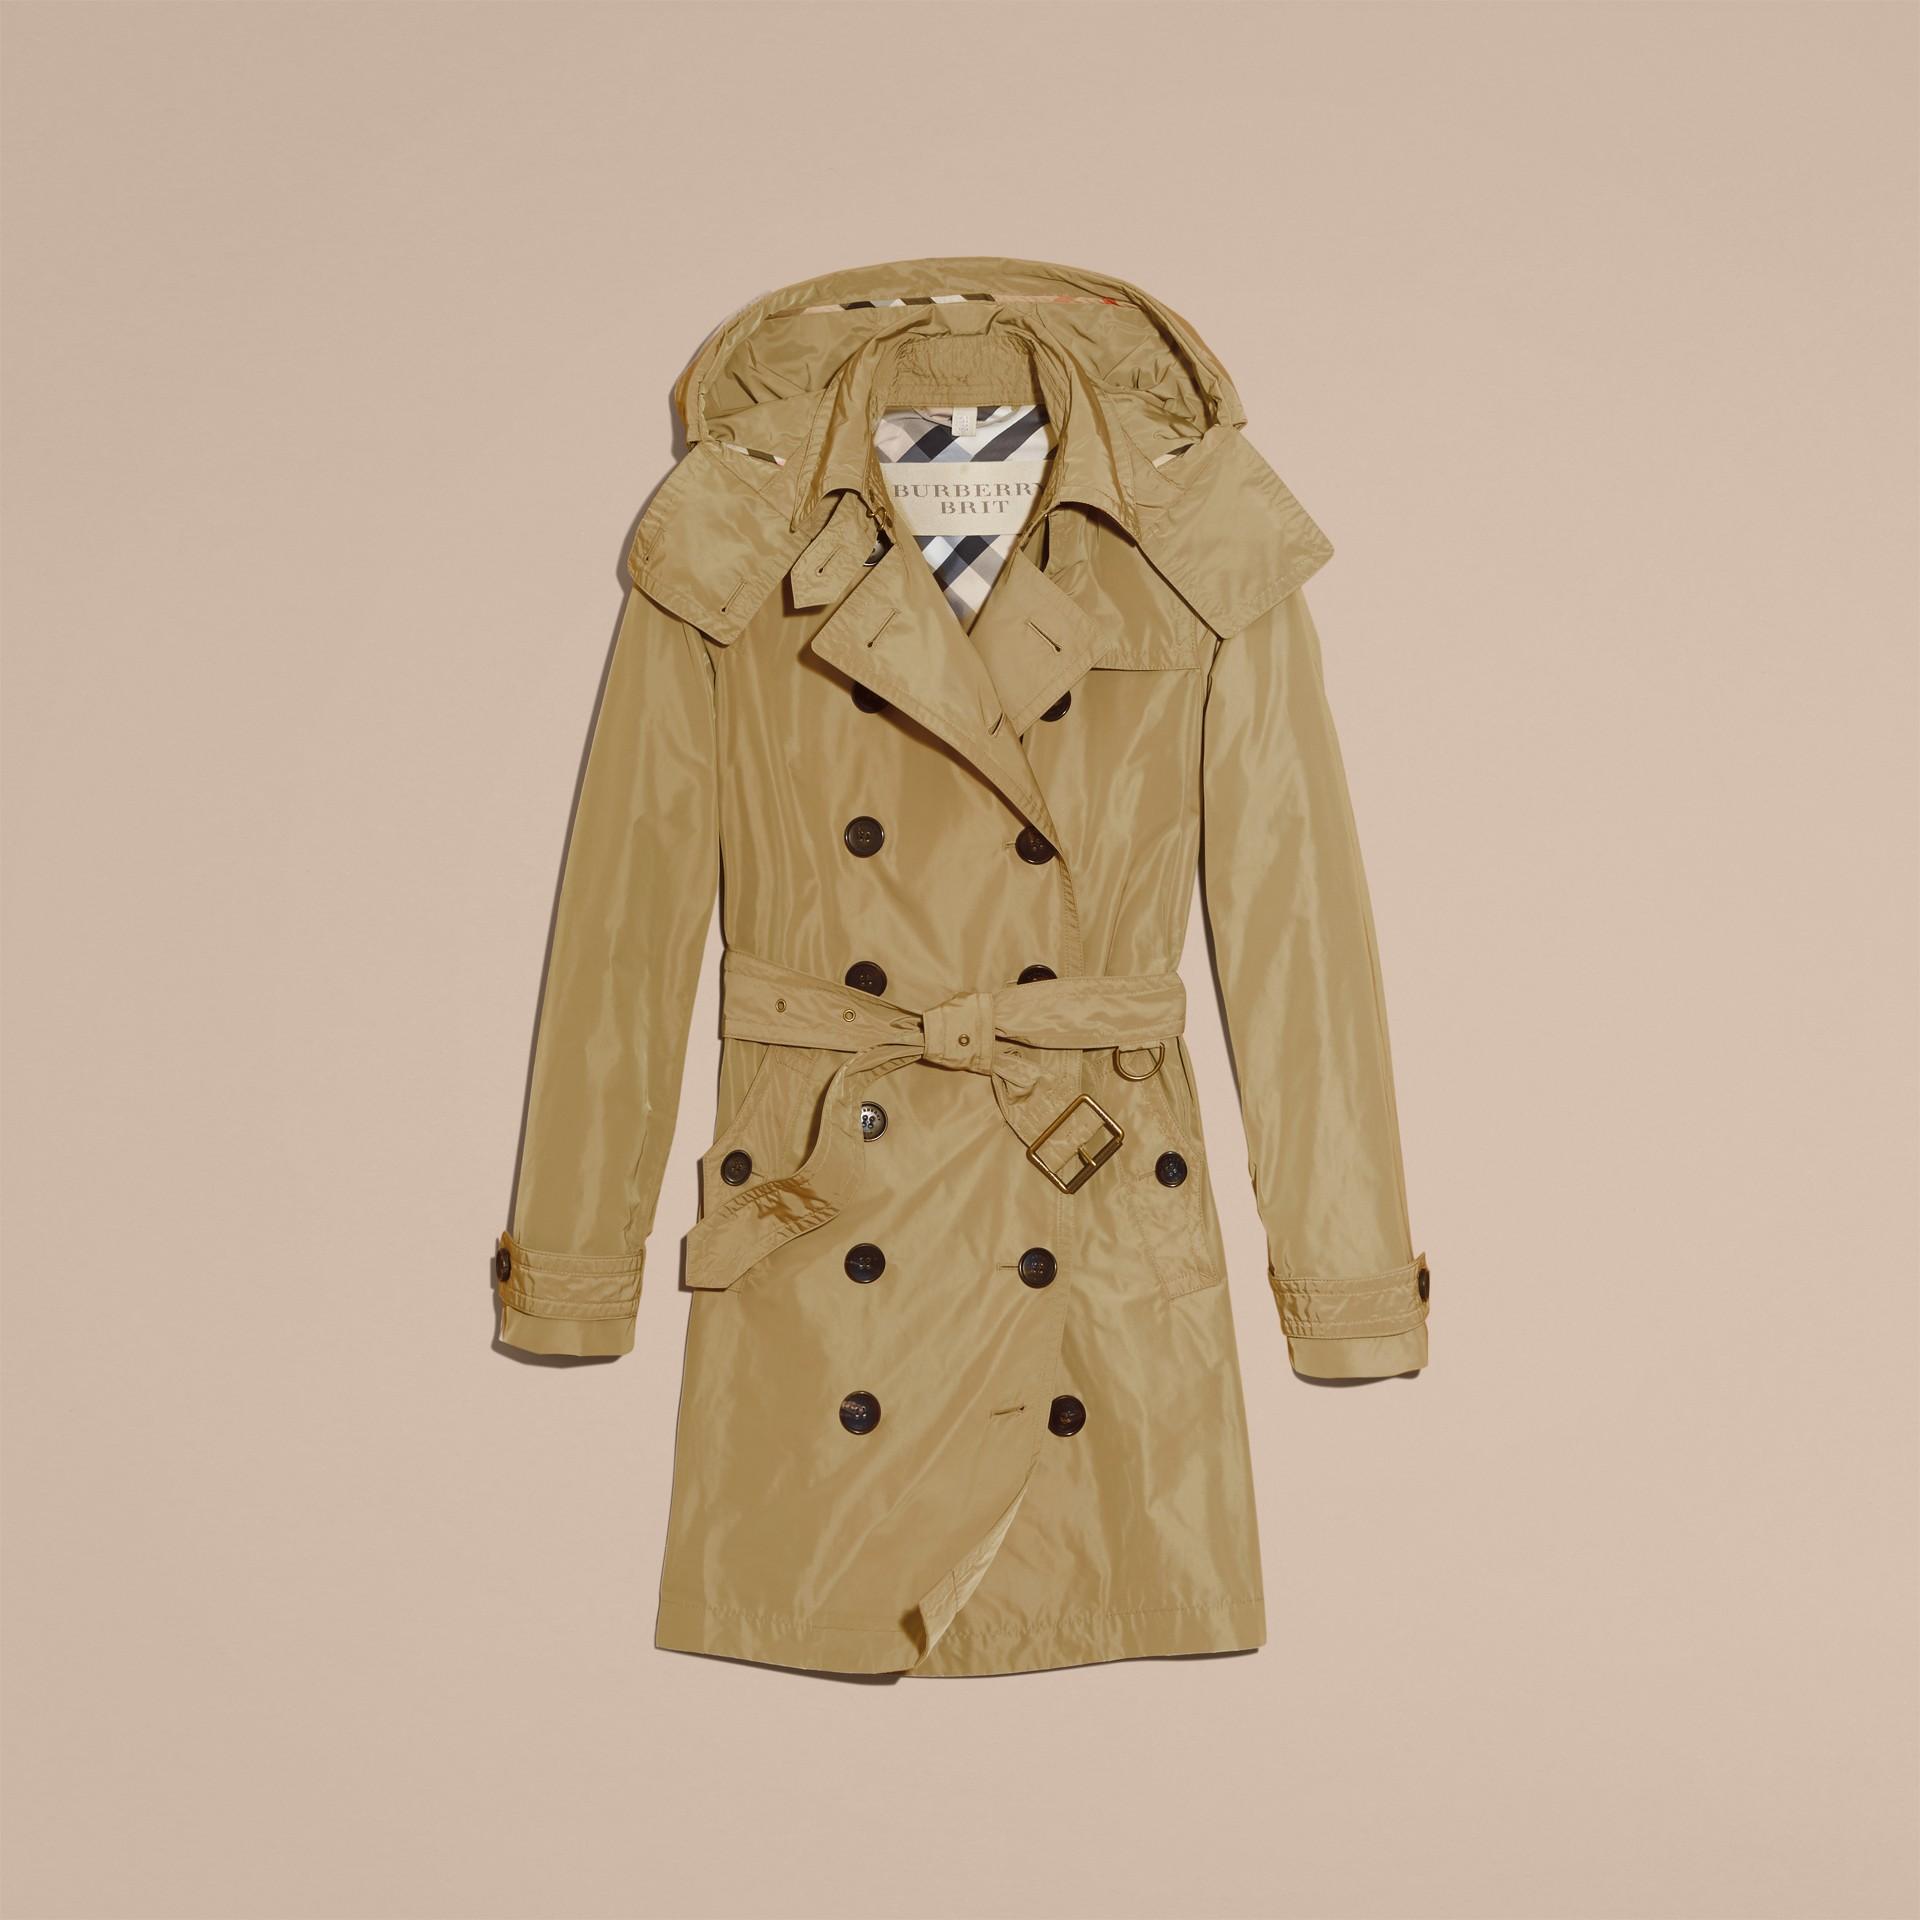 Sisal Trench coat de tafetá com capuz removível Sisal - galeria de imagens 7